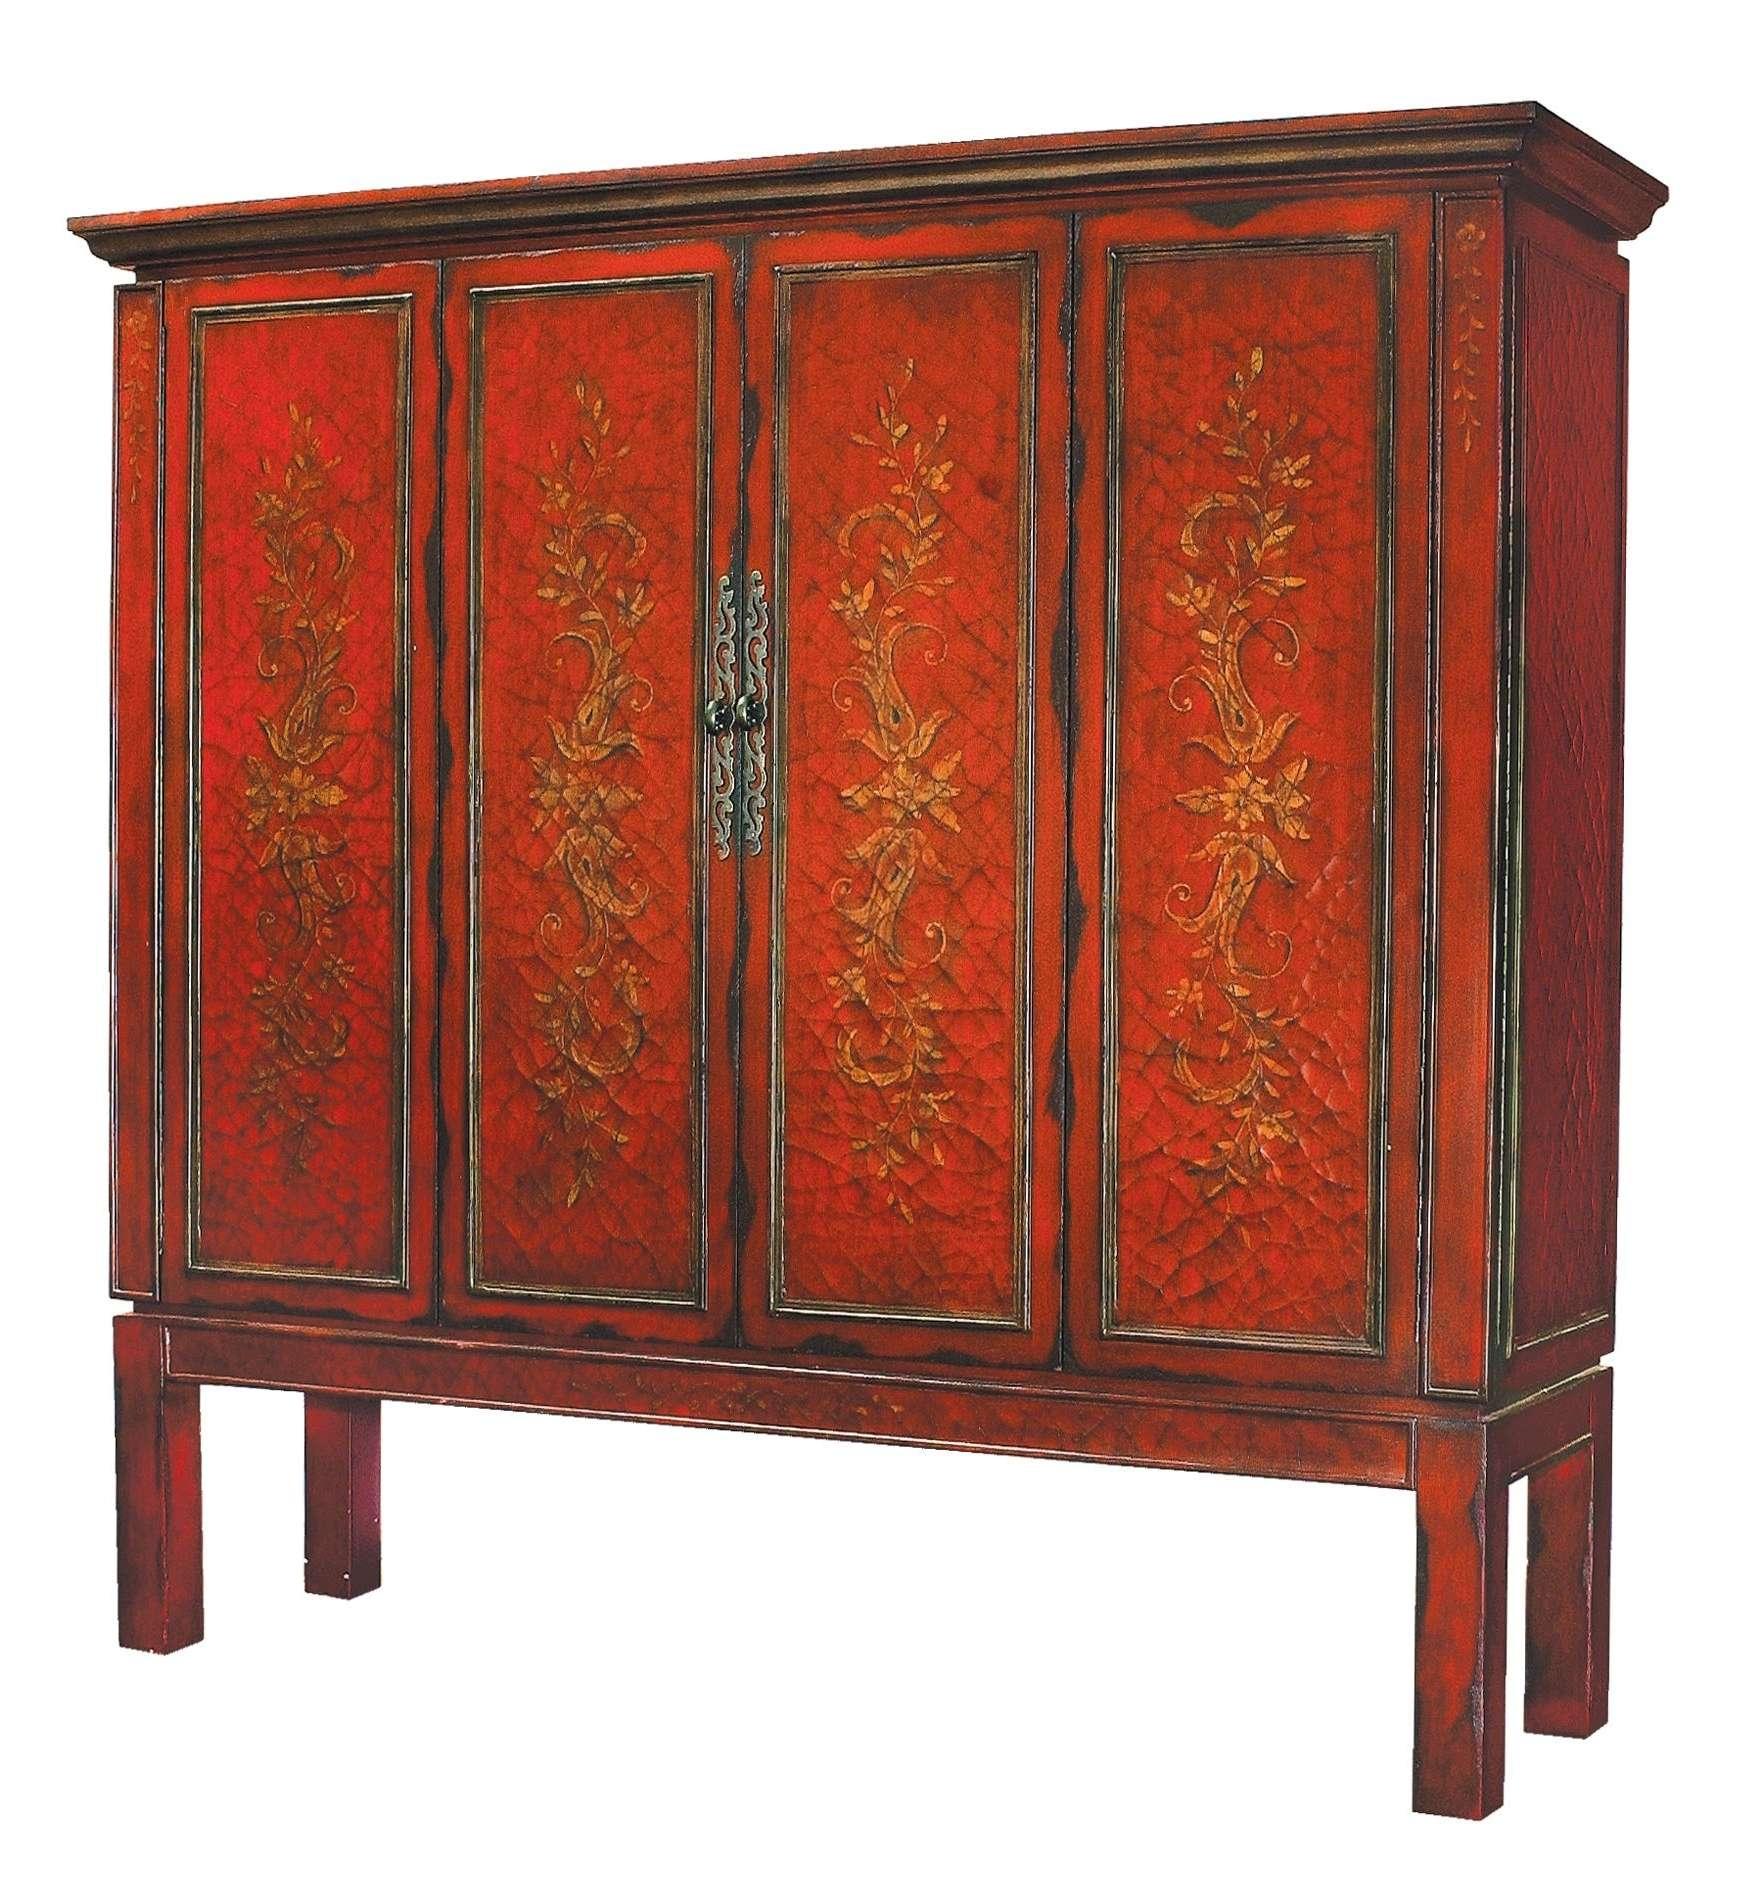 Oak Tv Cabinet With Doors Gallery – Doors Design Ideas Regarding Oak Tv Cabinets For Flat Screens With Doors (View 9 of 20)